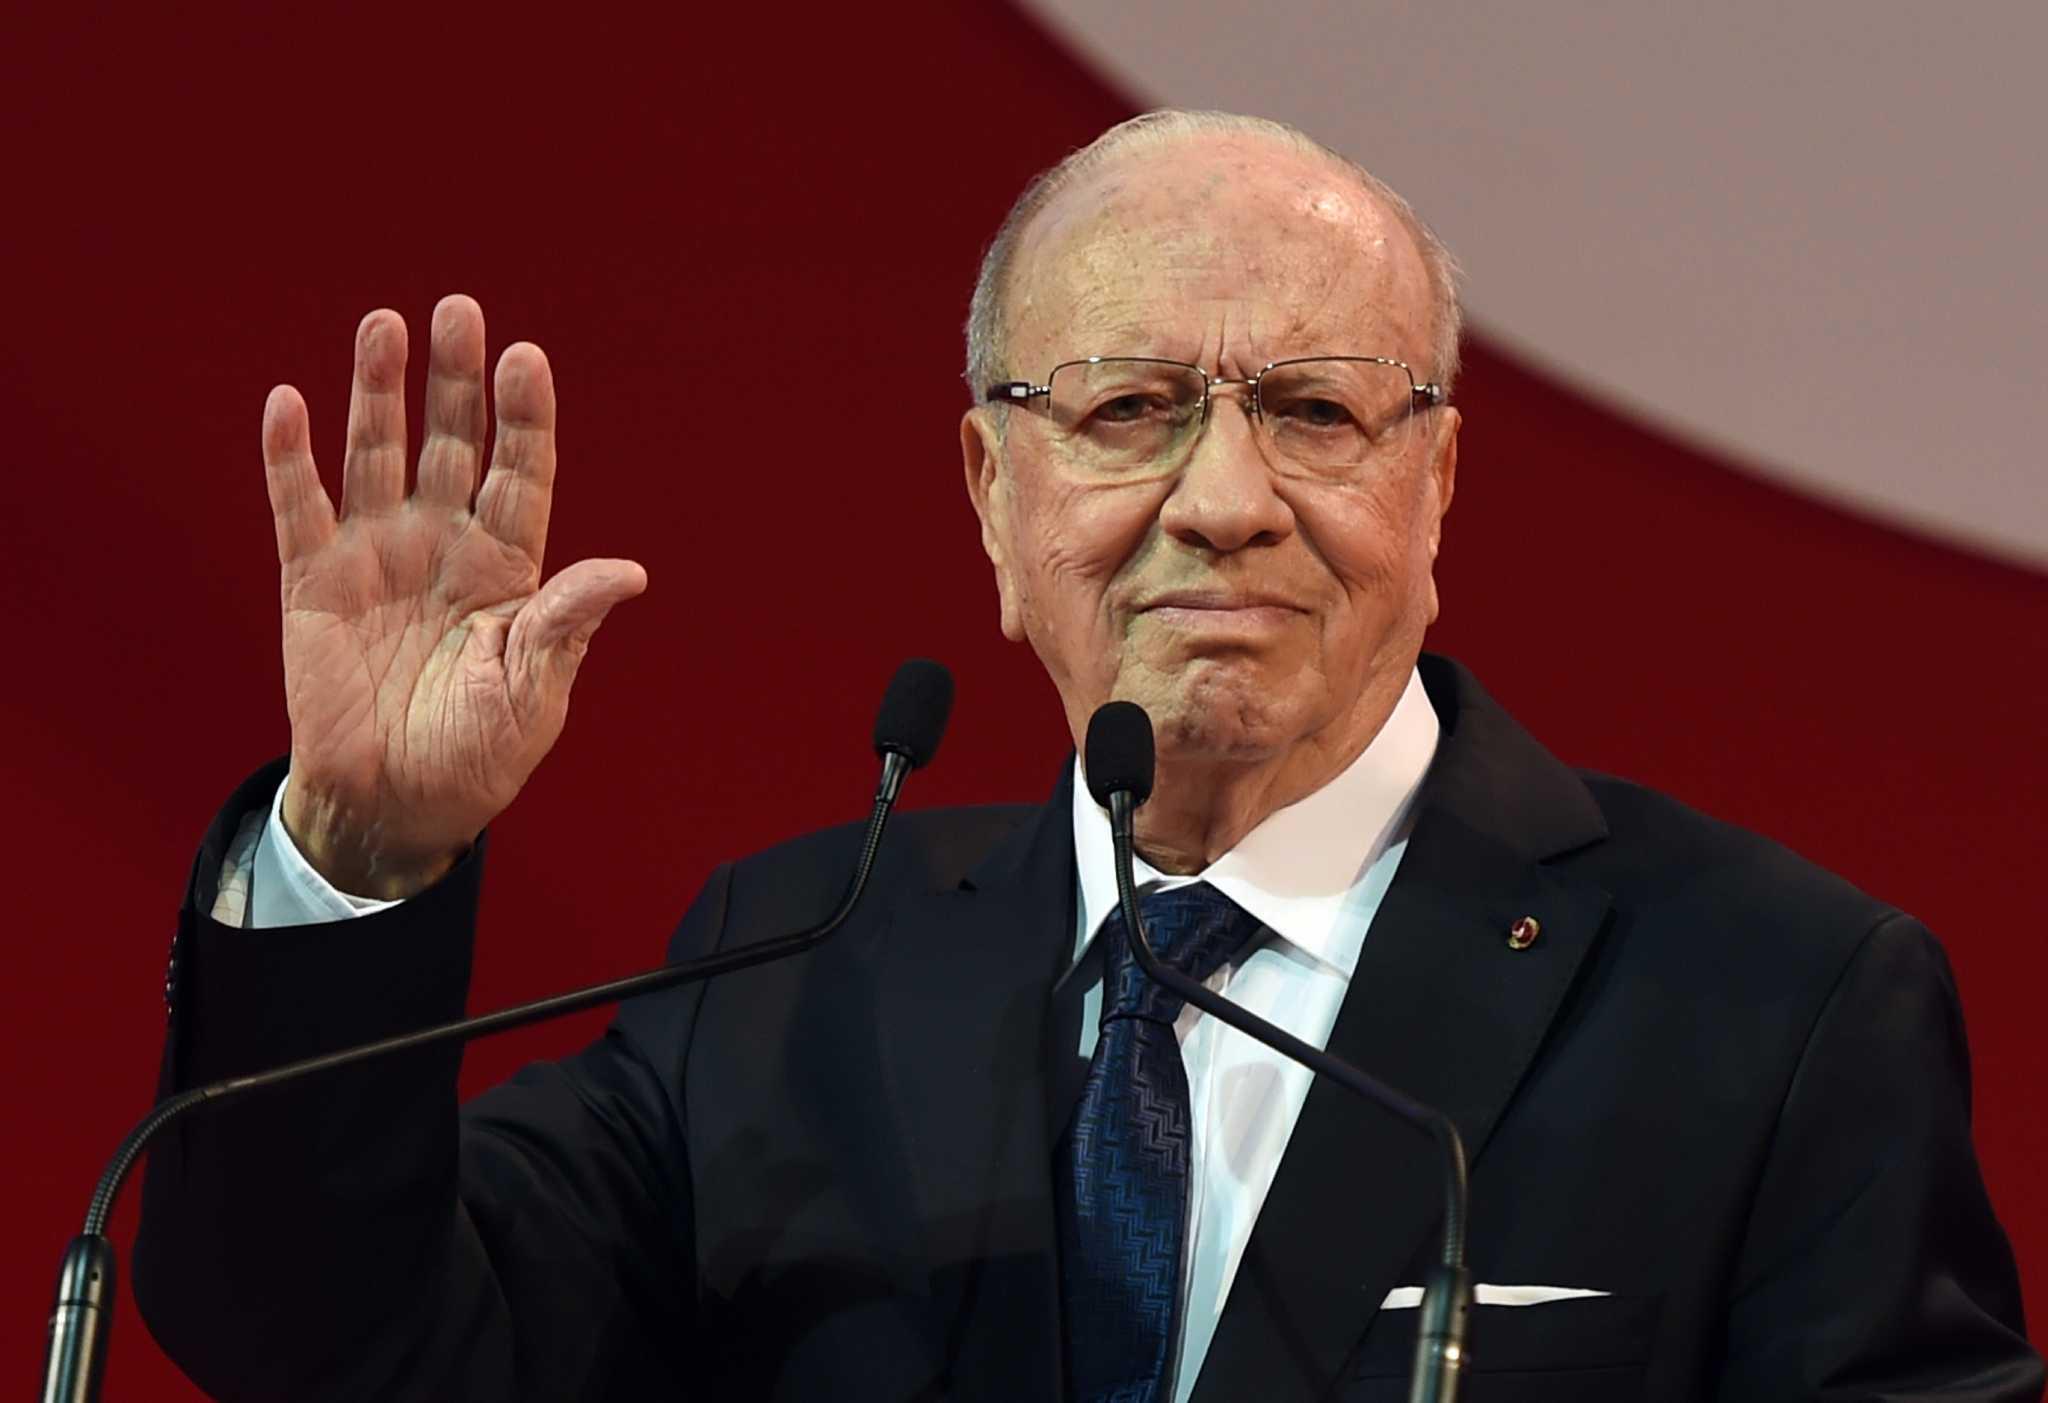 فيديو/ قائد السبسي: تونس ستحتضن الدورة القادمة للقمّة العربية